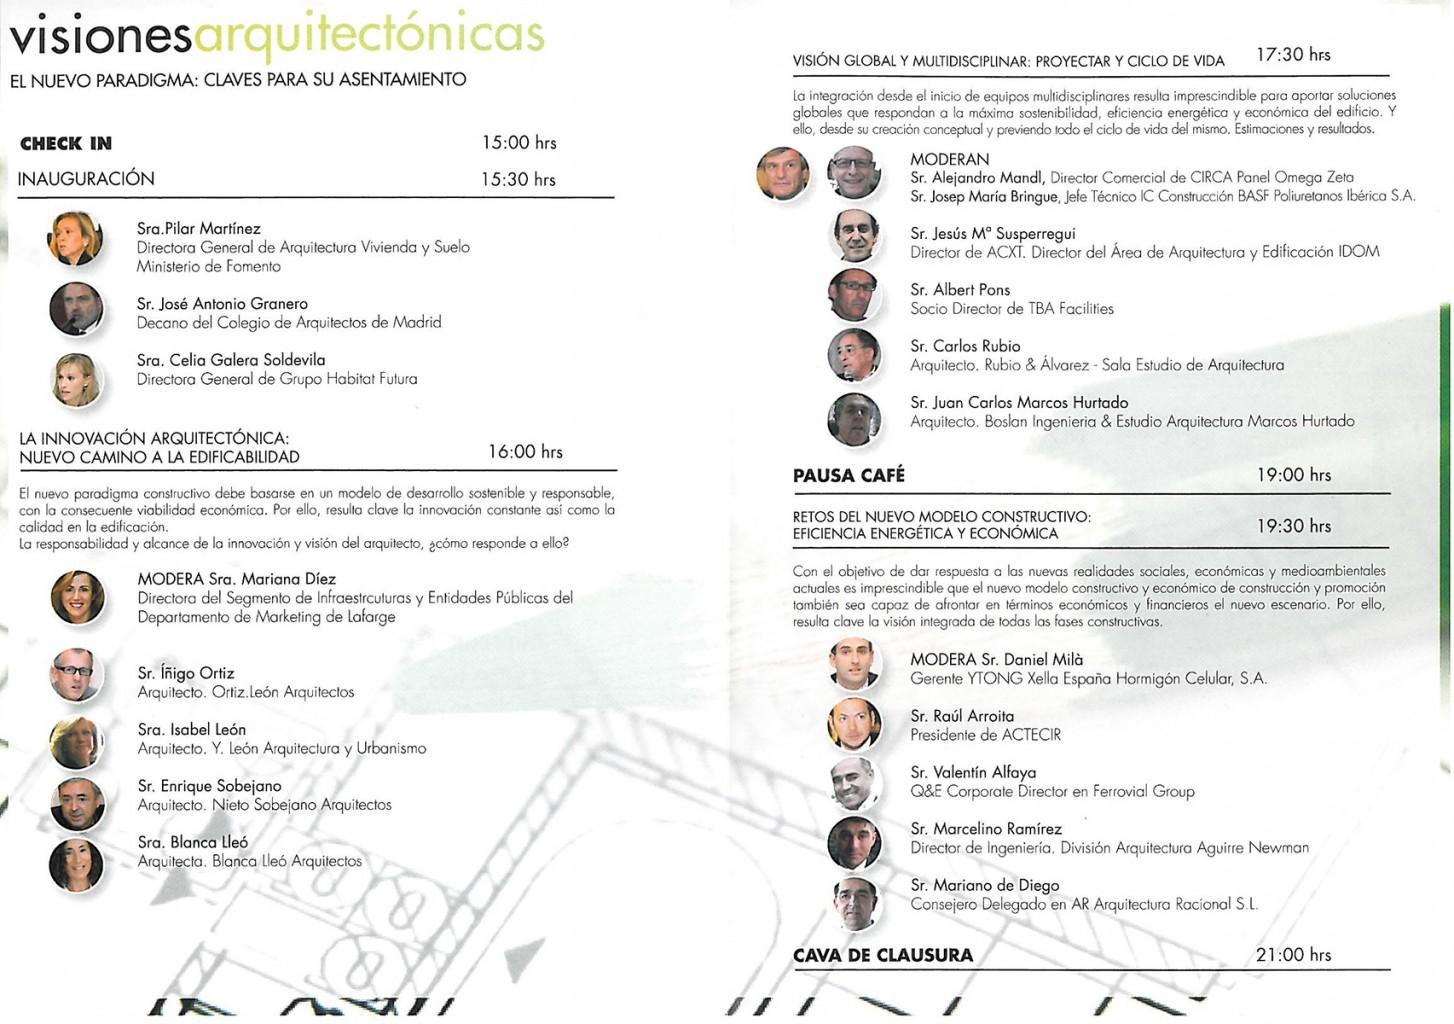 Visiones Arquitectónicas Blanca Lleó 02